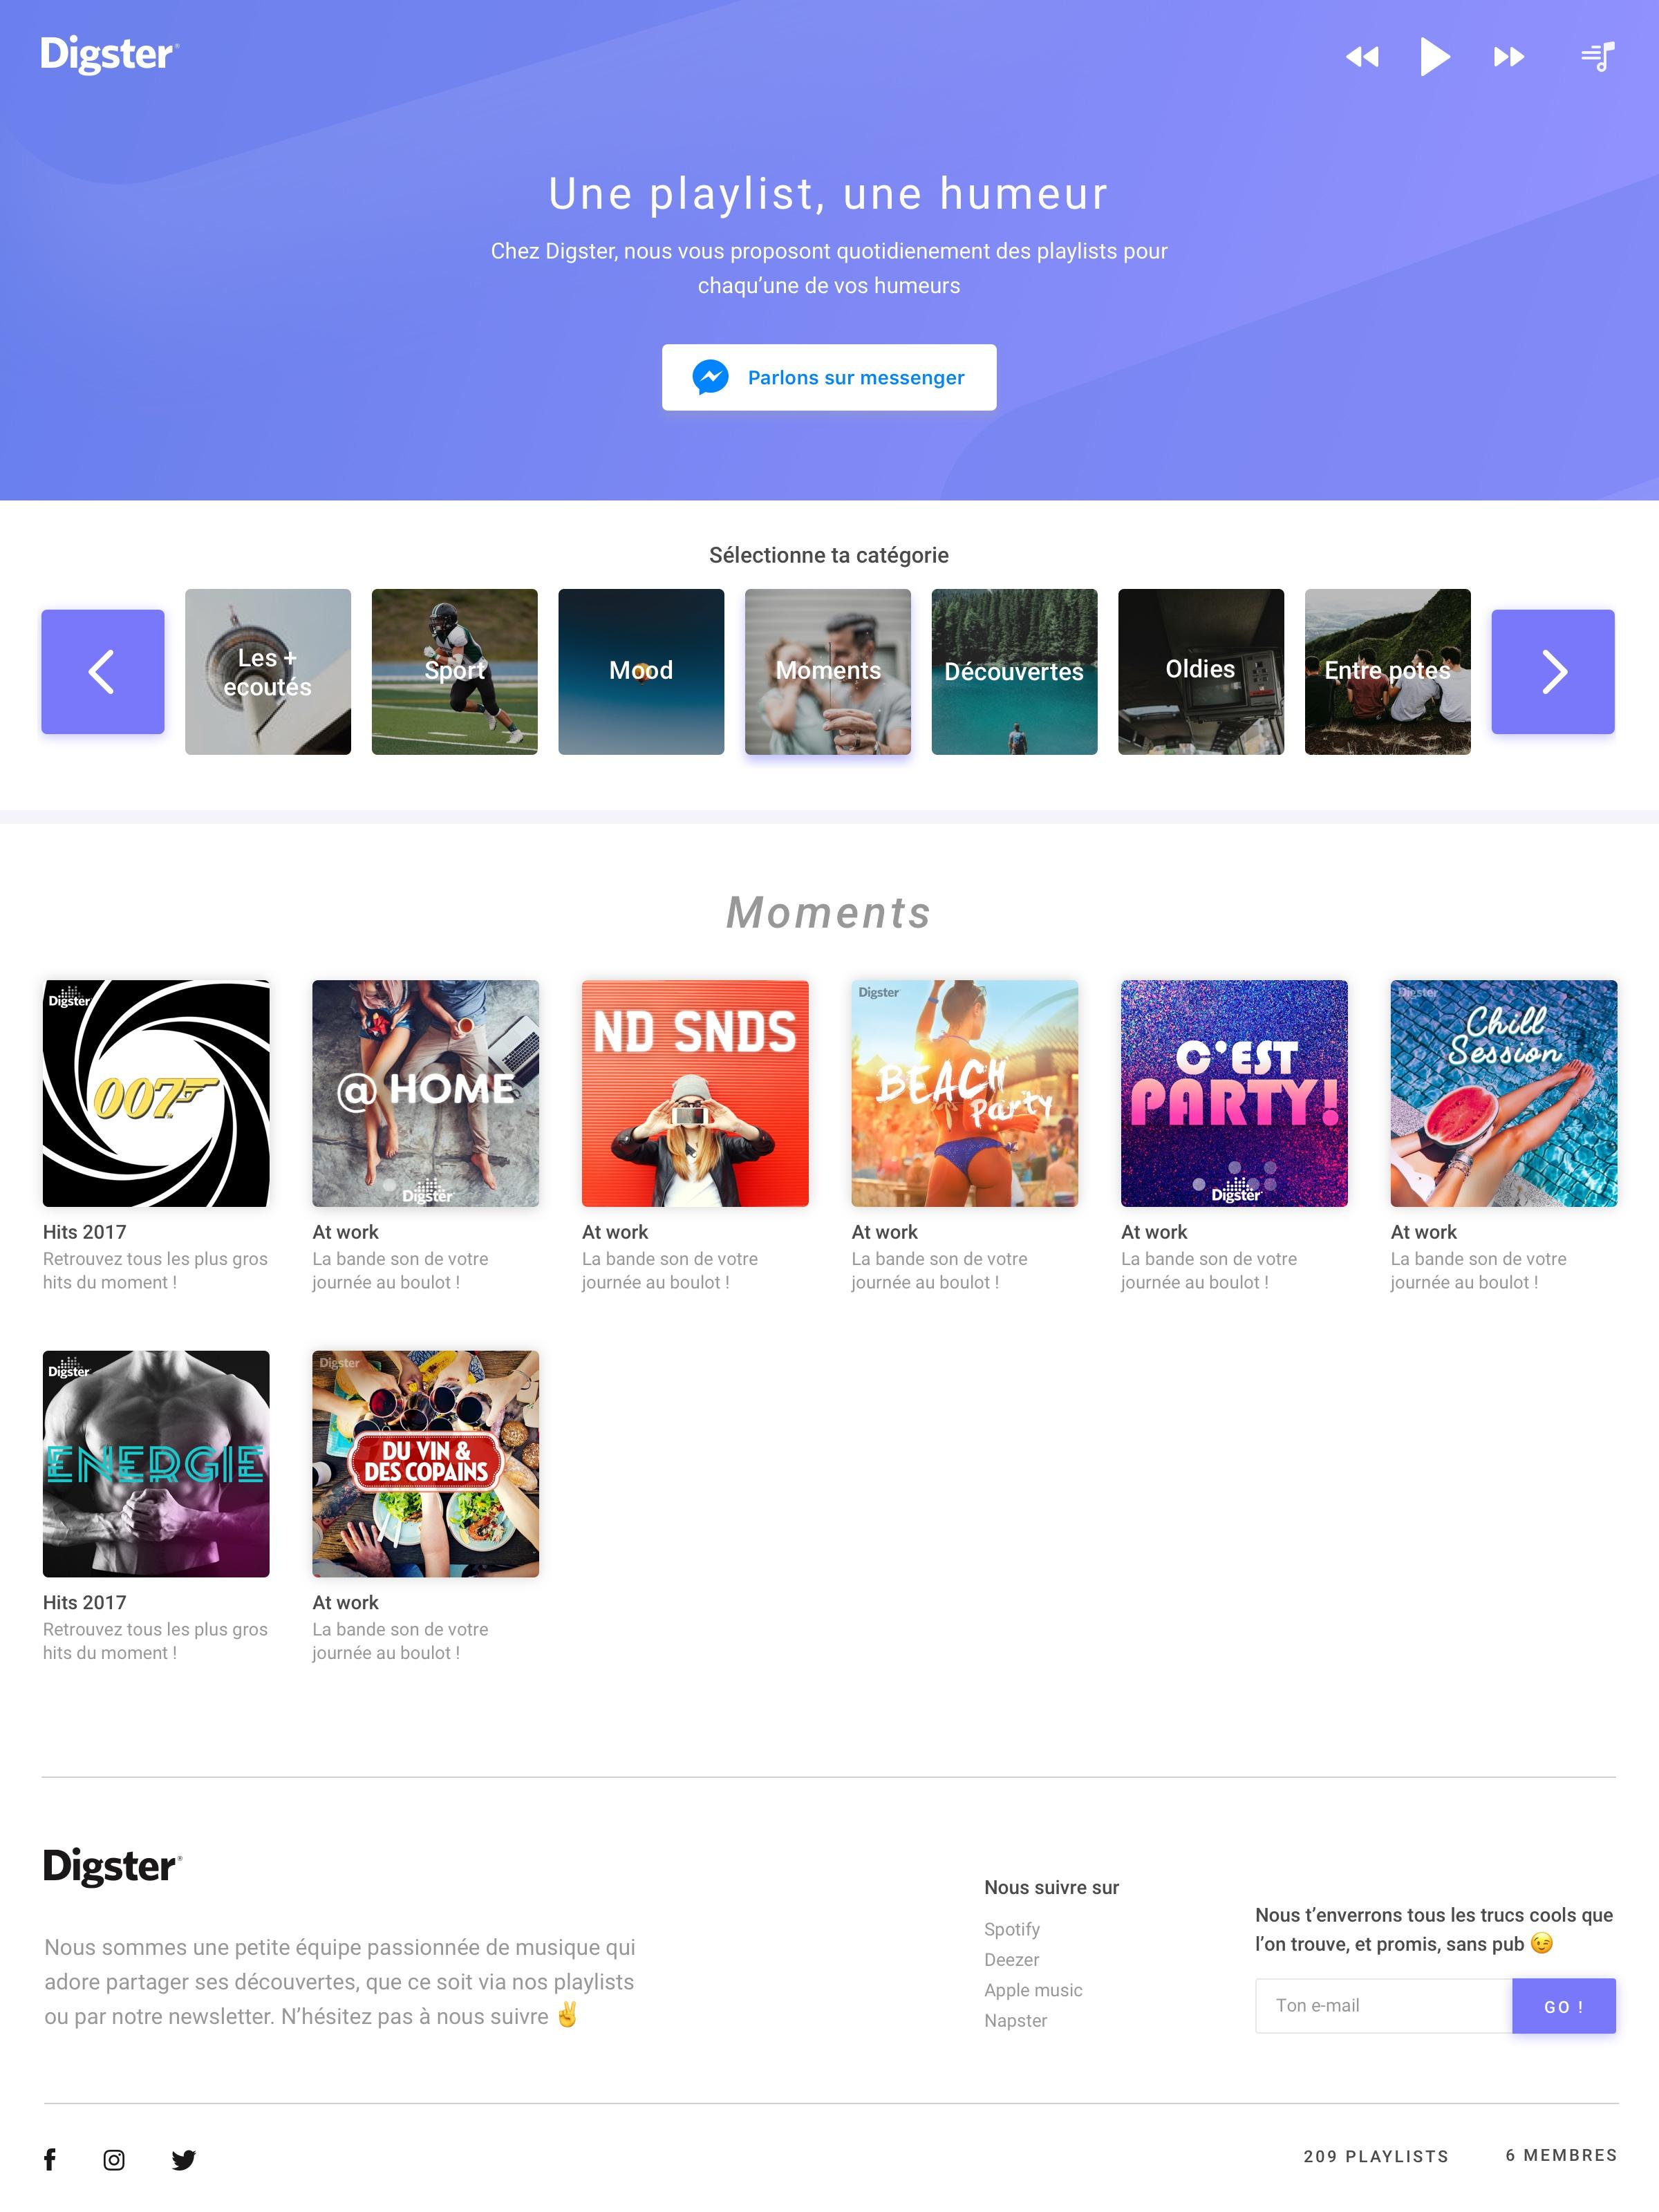 Diggy page playlist v2.7